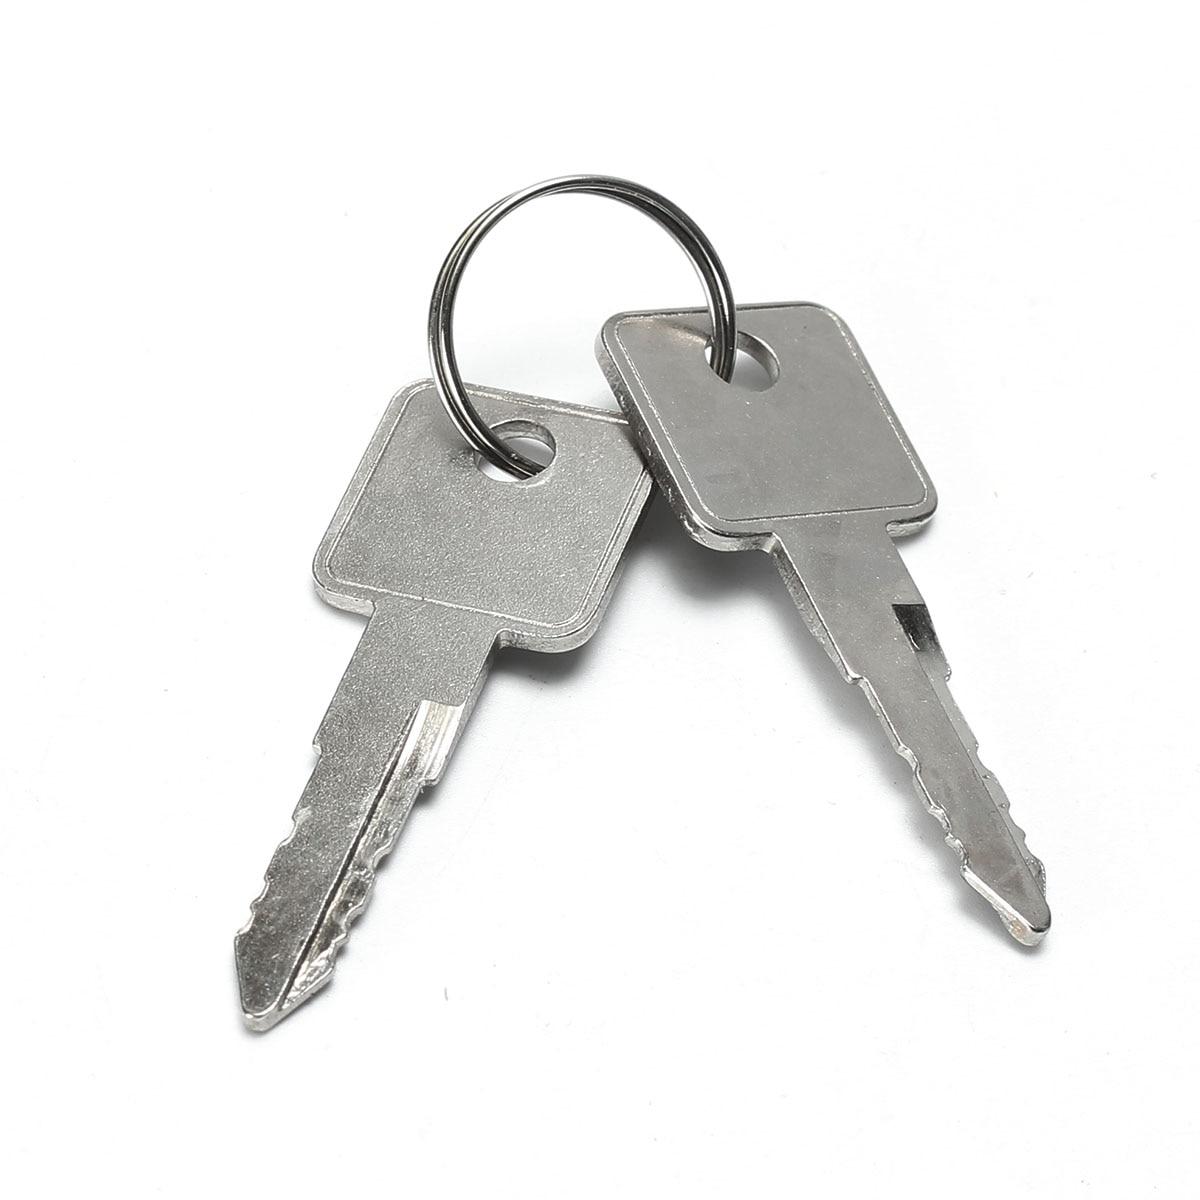 Landrover Locking Fuel Filler cap BR 0099 Defender 90 110 STC4072